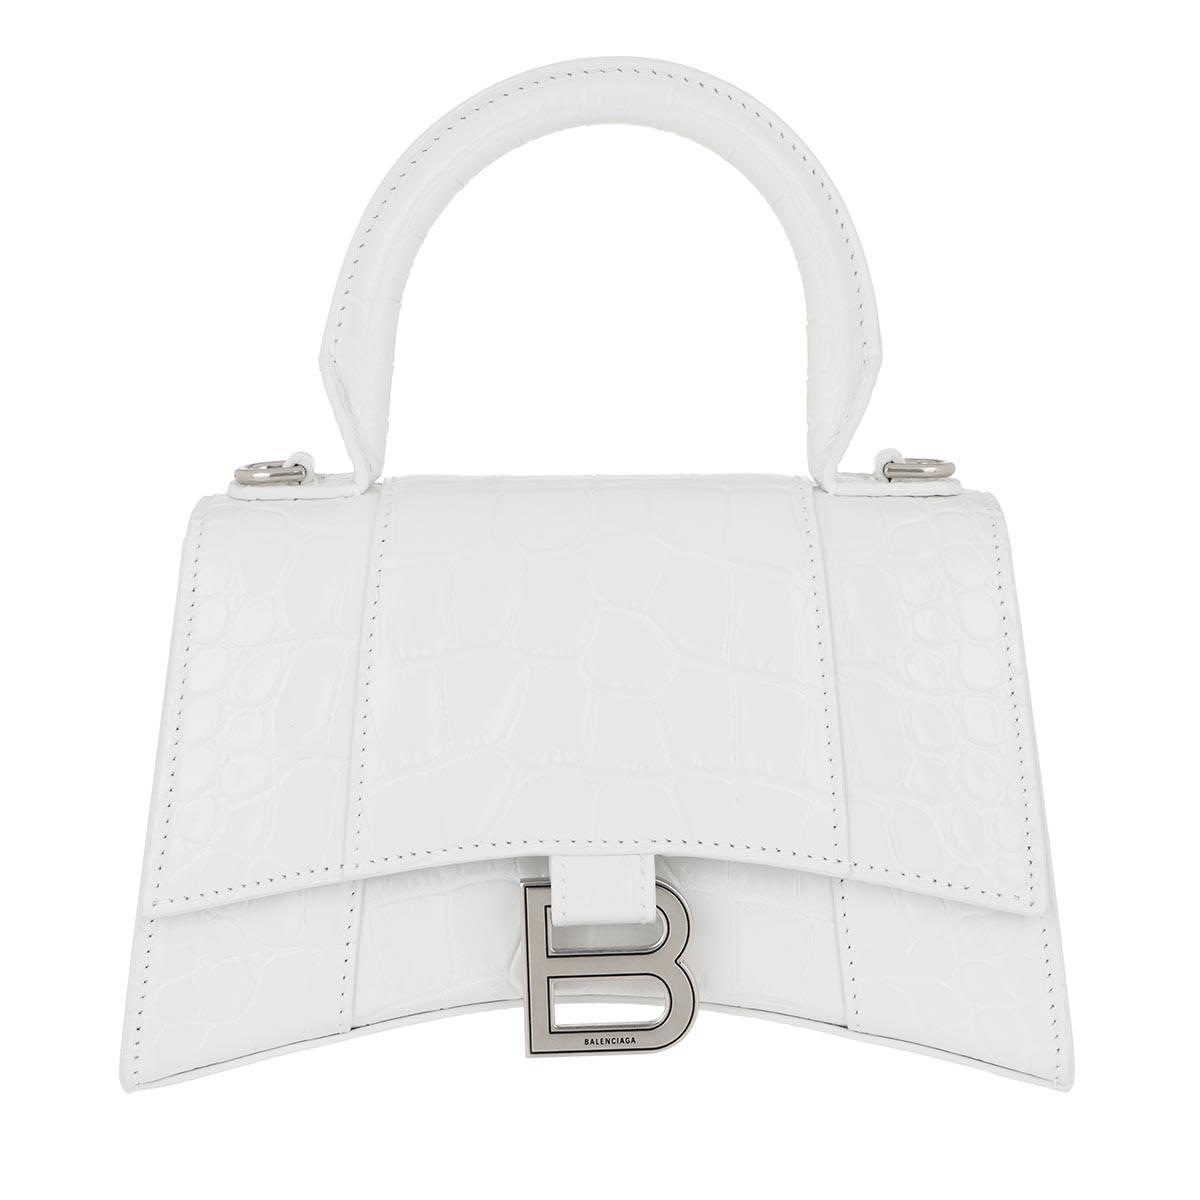 Balenciaga Umhängetasche - Hourglass Top Handle XS Shoulder Bag White - in weiß - für Damen